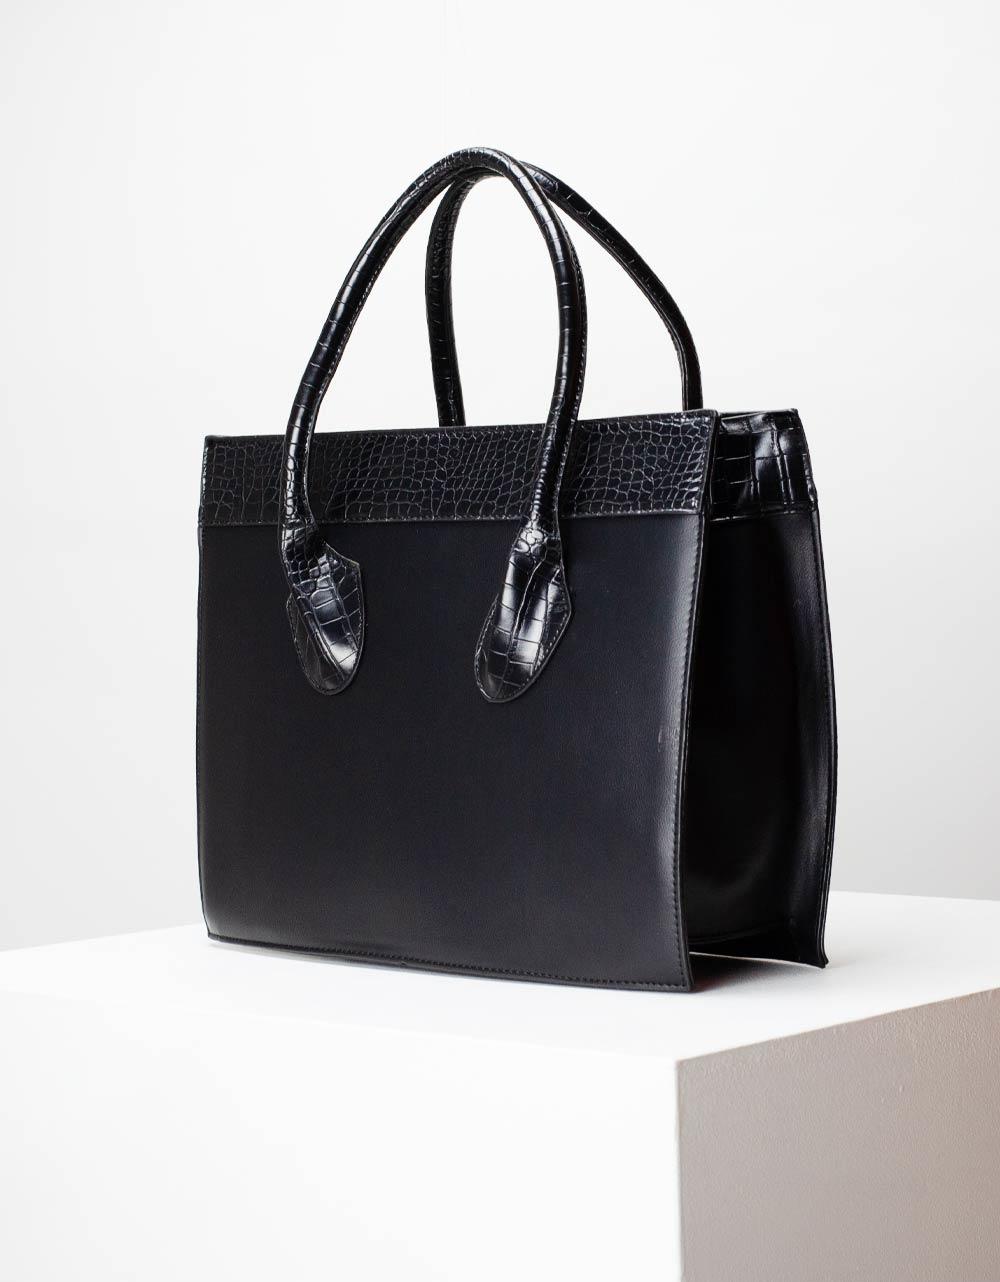 Εικόνα από Γυναικεία τσάντα χειρός με δίχρωμες κροκό λεπτομέρειες Μαύρο